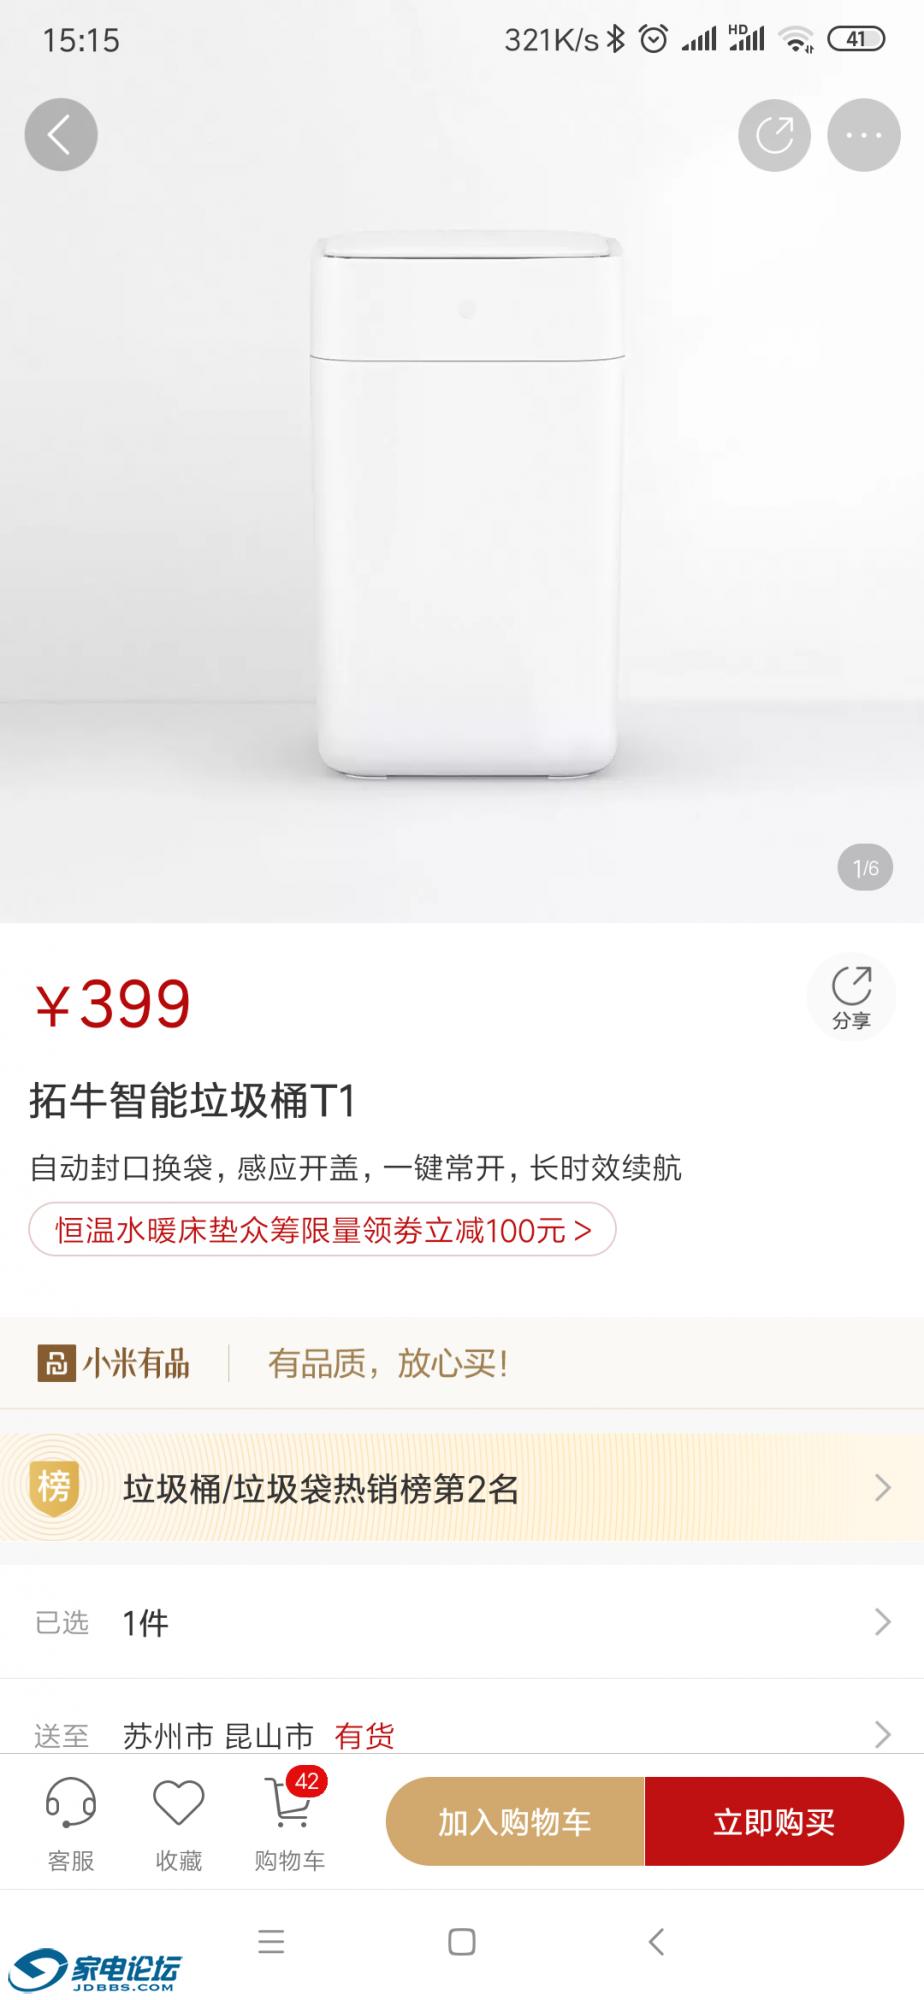 Screenshot_2019-10-18-15-15-57-128_com.xiaomi.smarthome.png